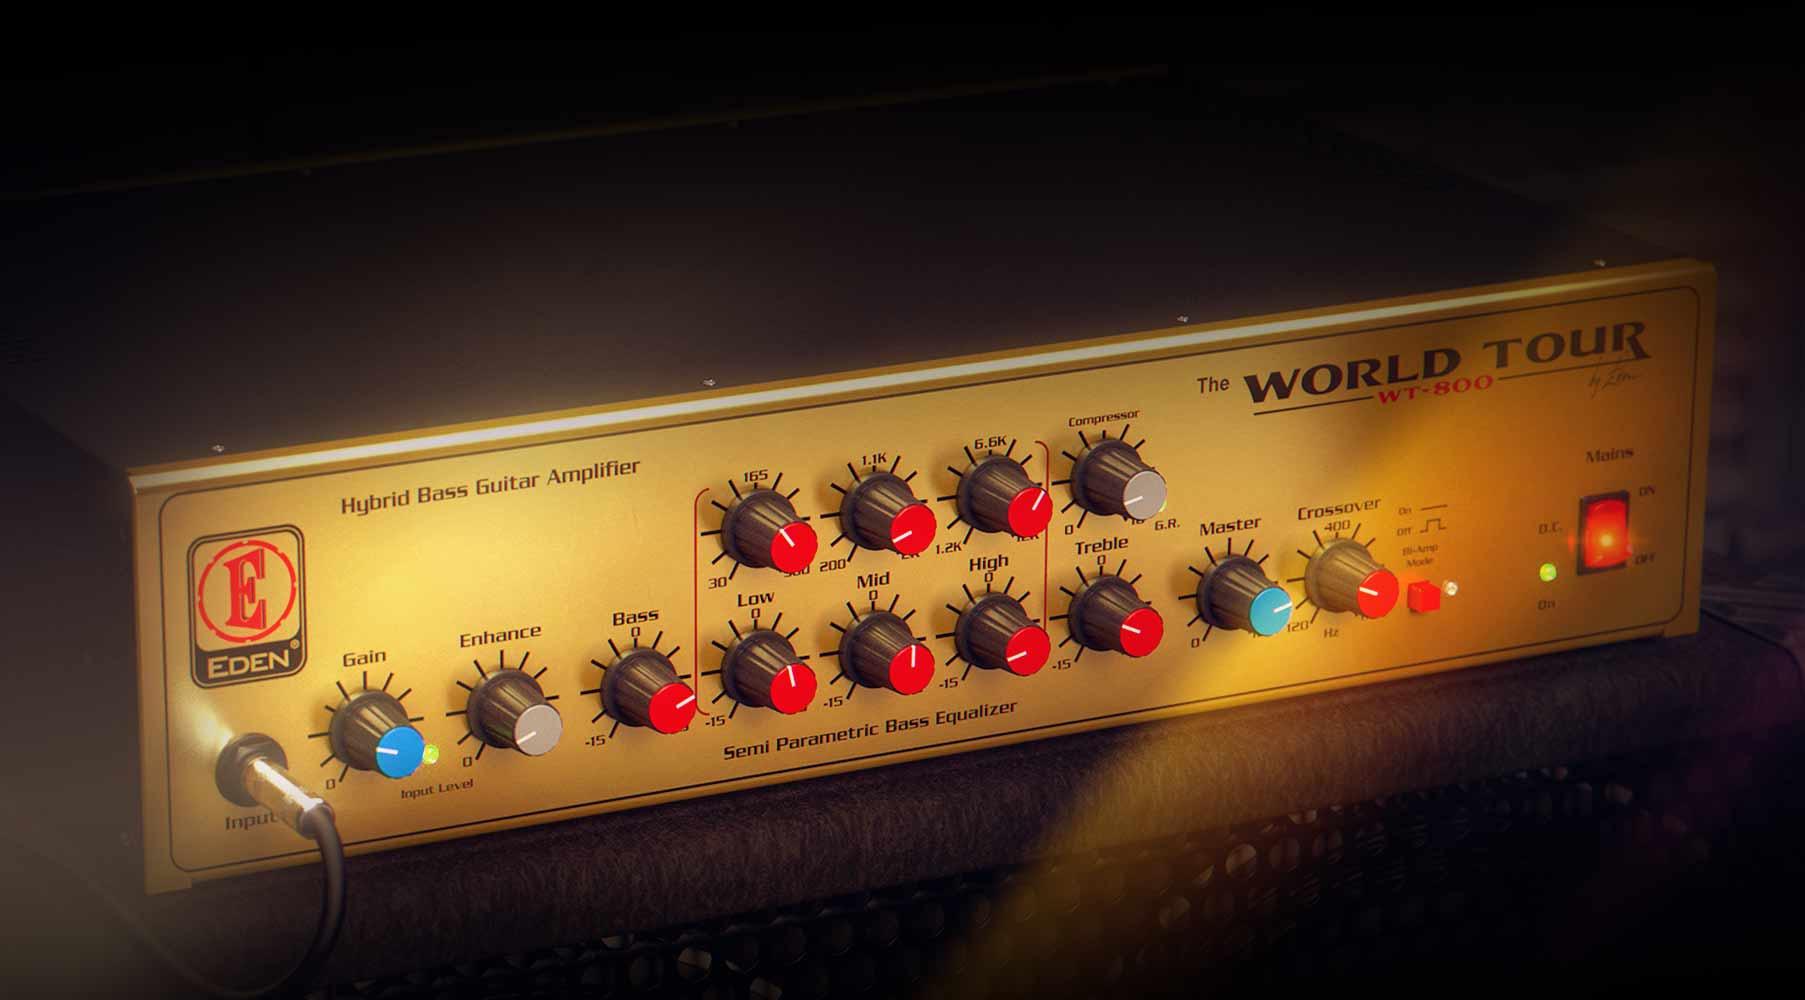 Eden WT800 Bass Amplifier